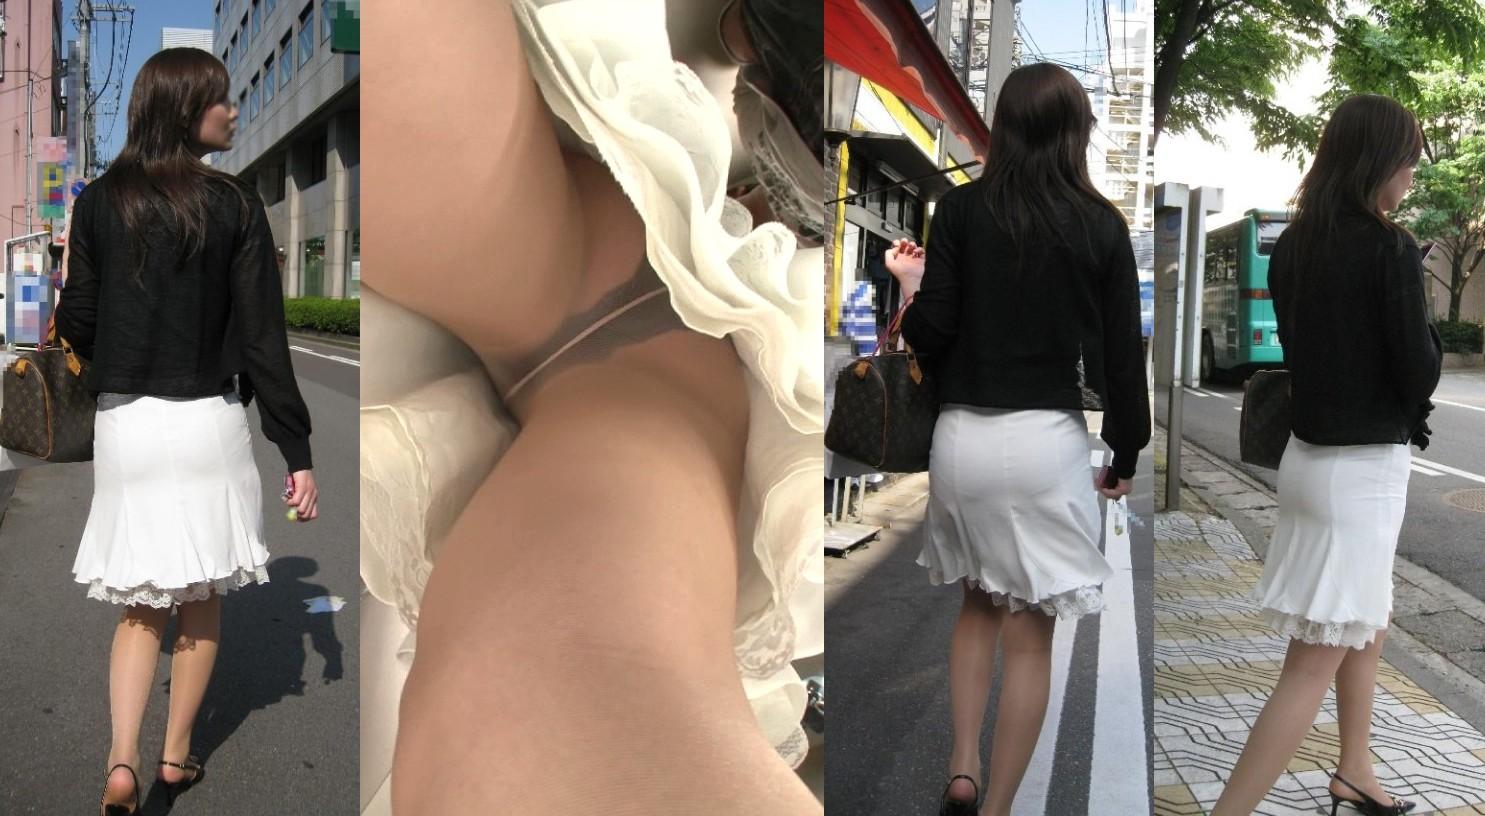 パンスト履いたお姉さんたちの気になるスカートの中のパンチラ画像 2379